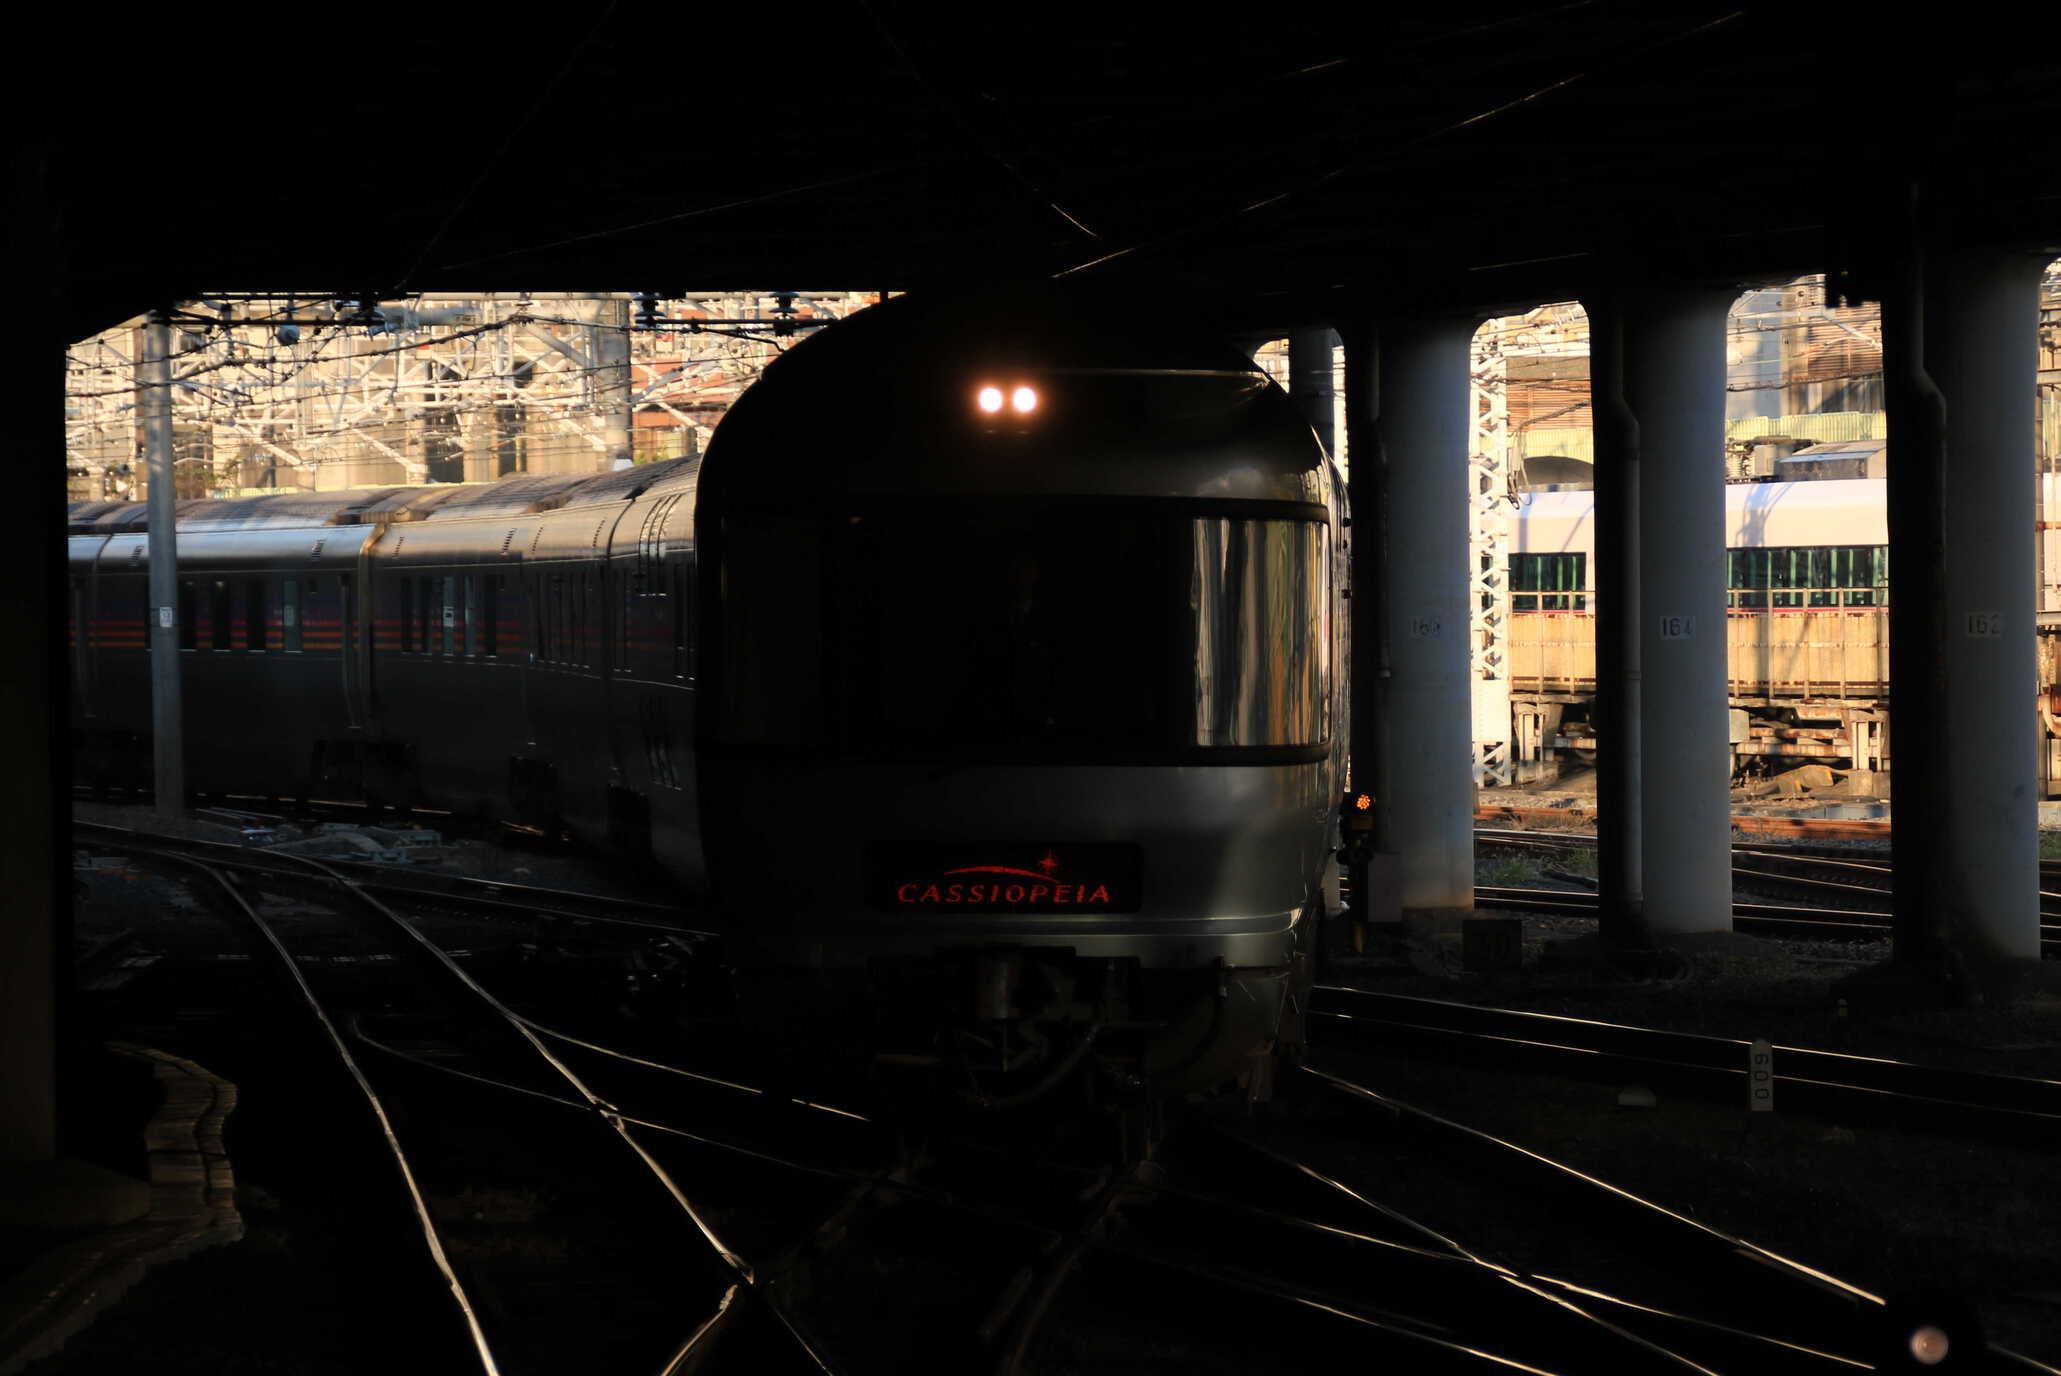 回9052列車 団臨 カシオペア紀行 送り込み推進回送 E26系12B+EF81-98